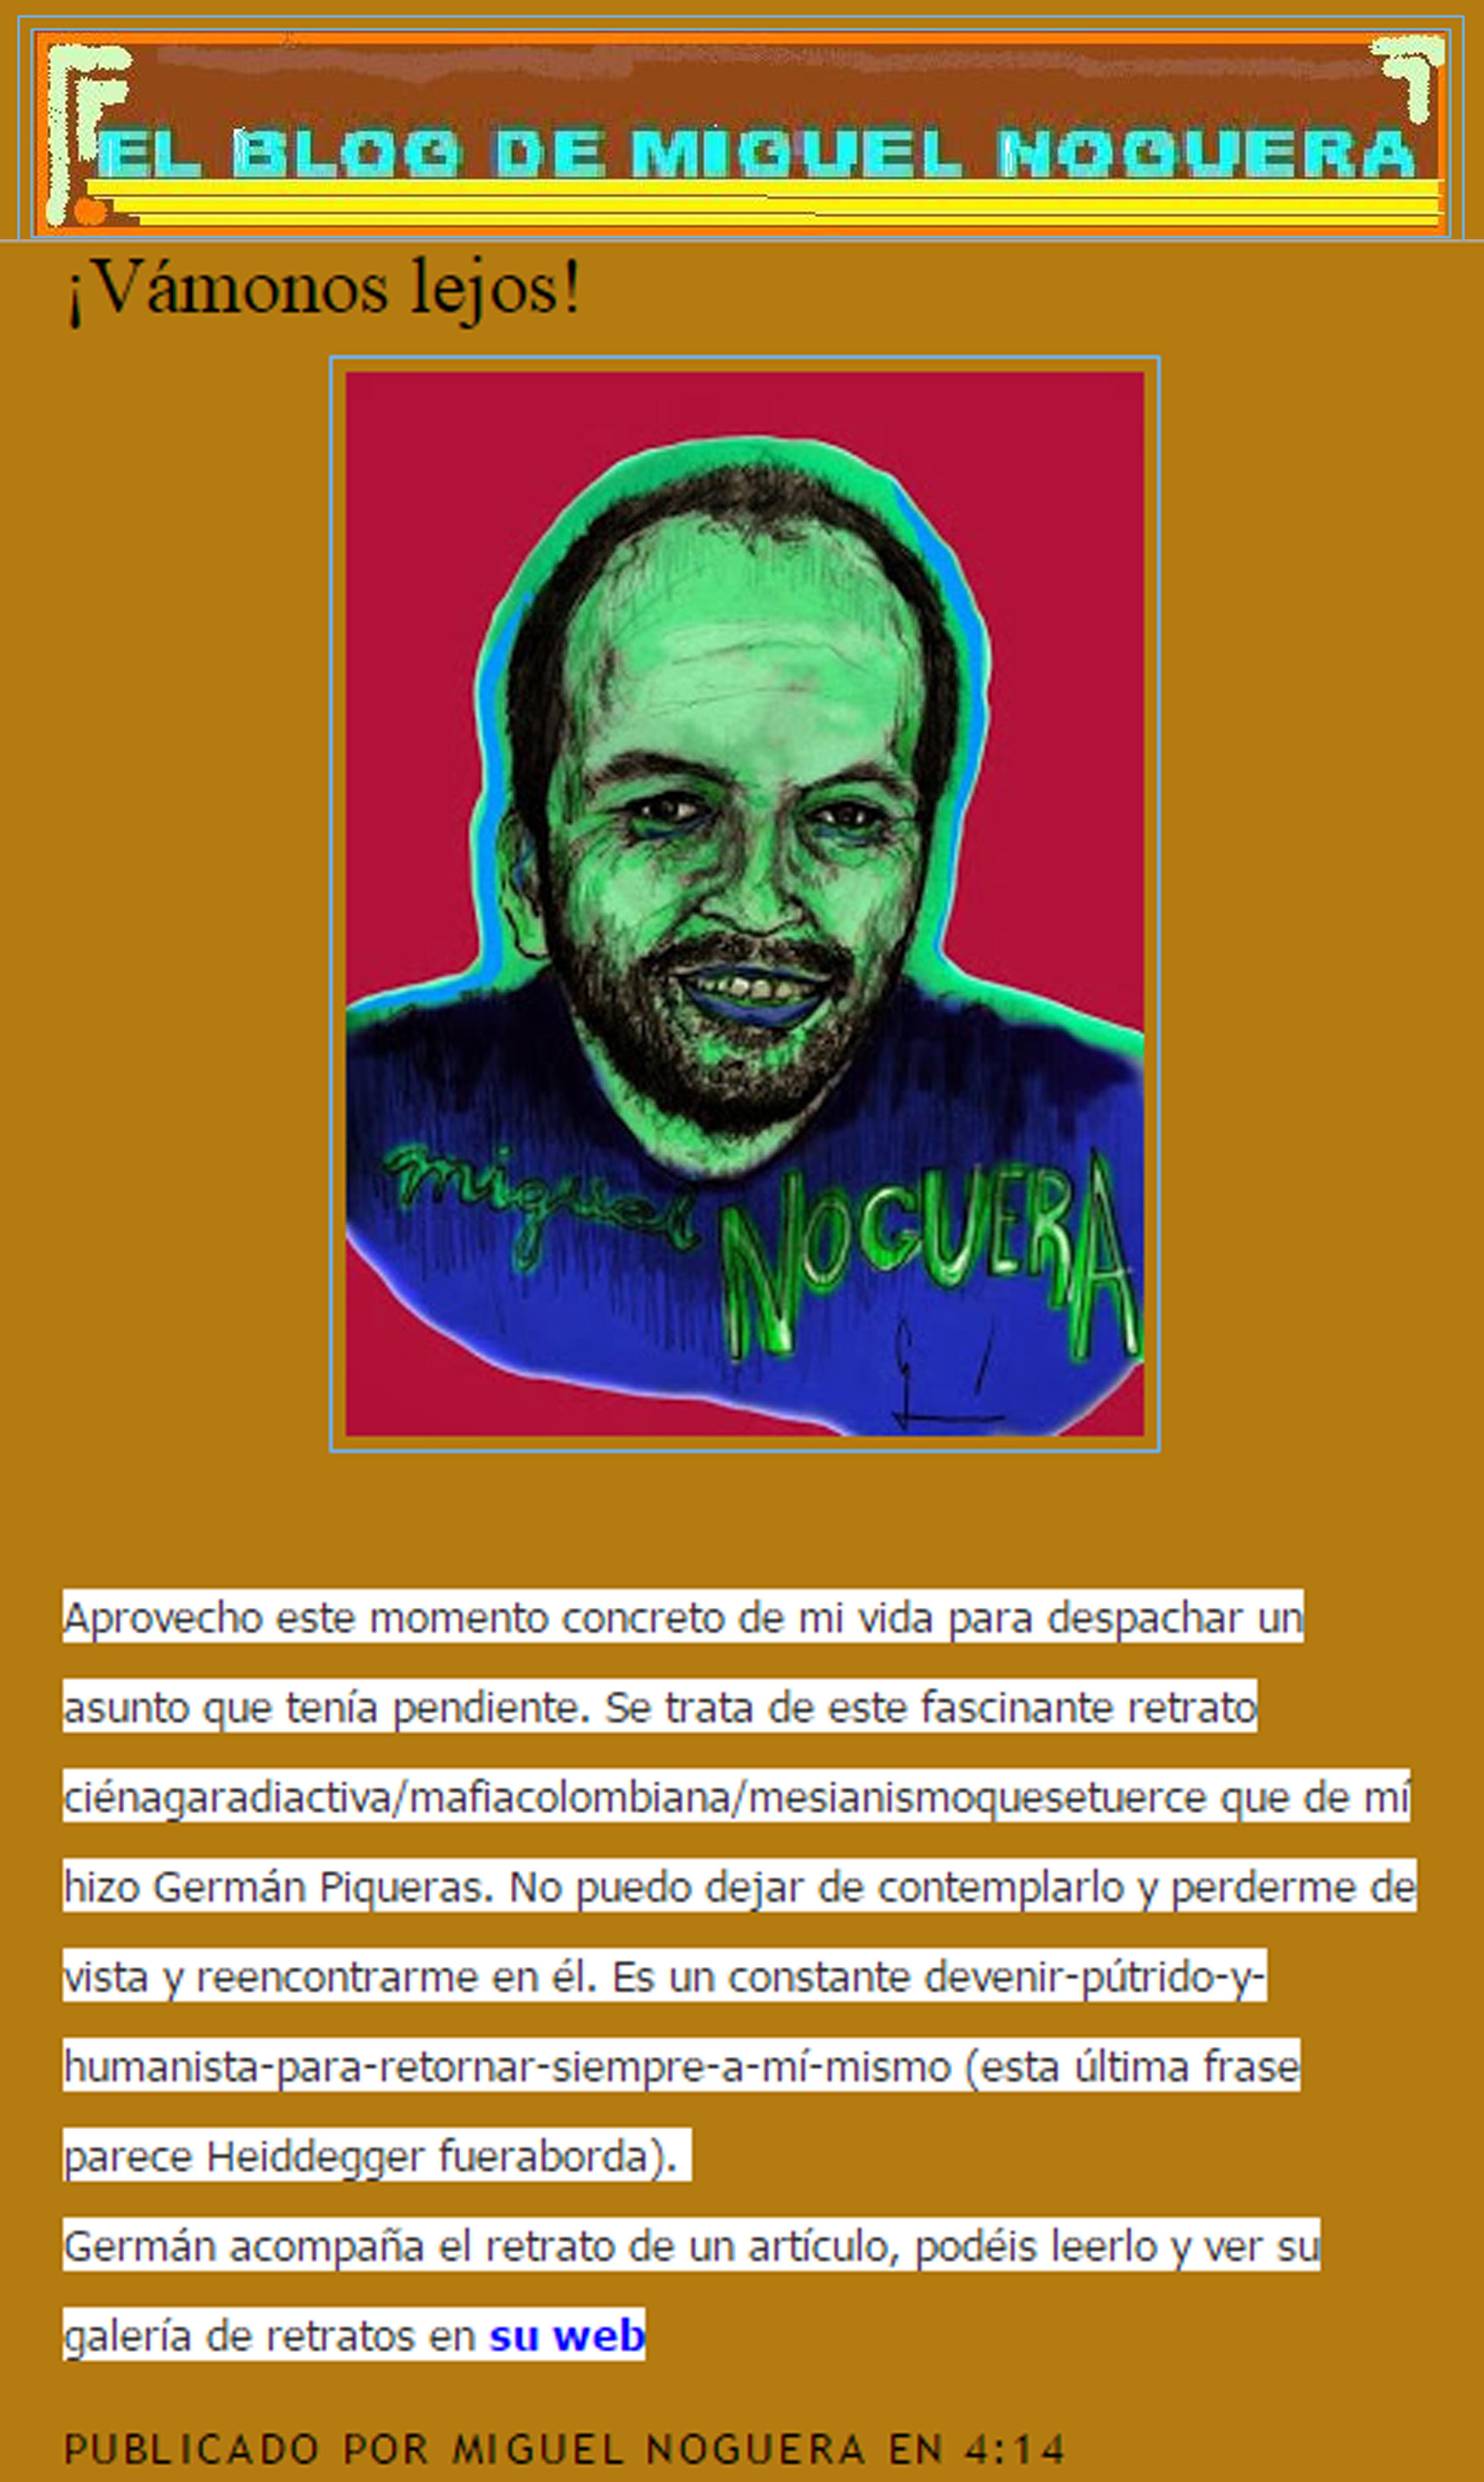 Miguel Noguera Blog Germán Piqueras